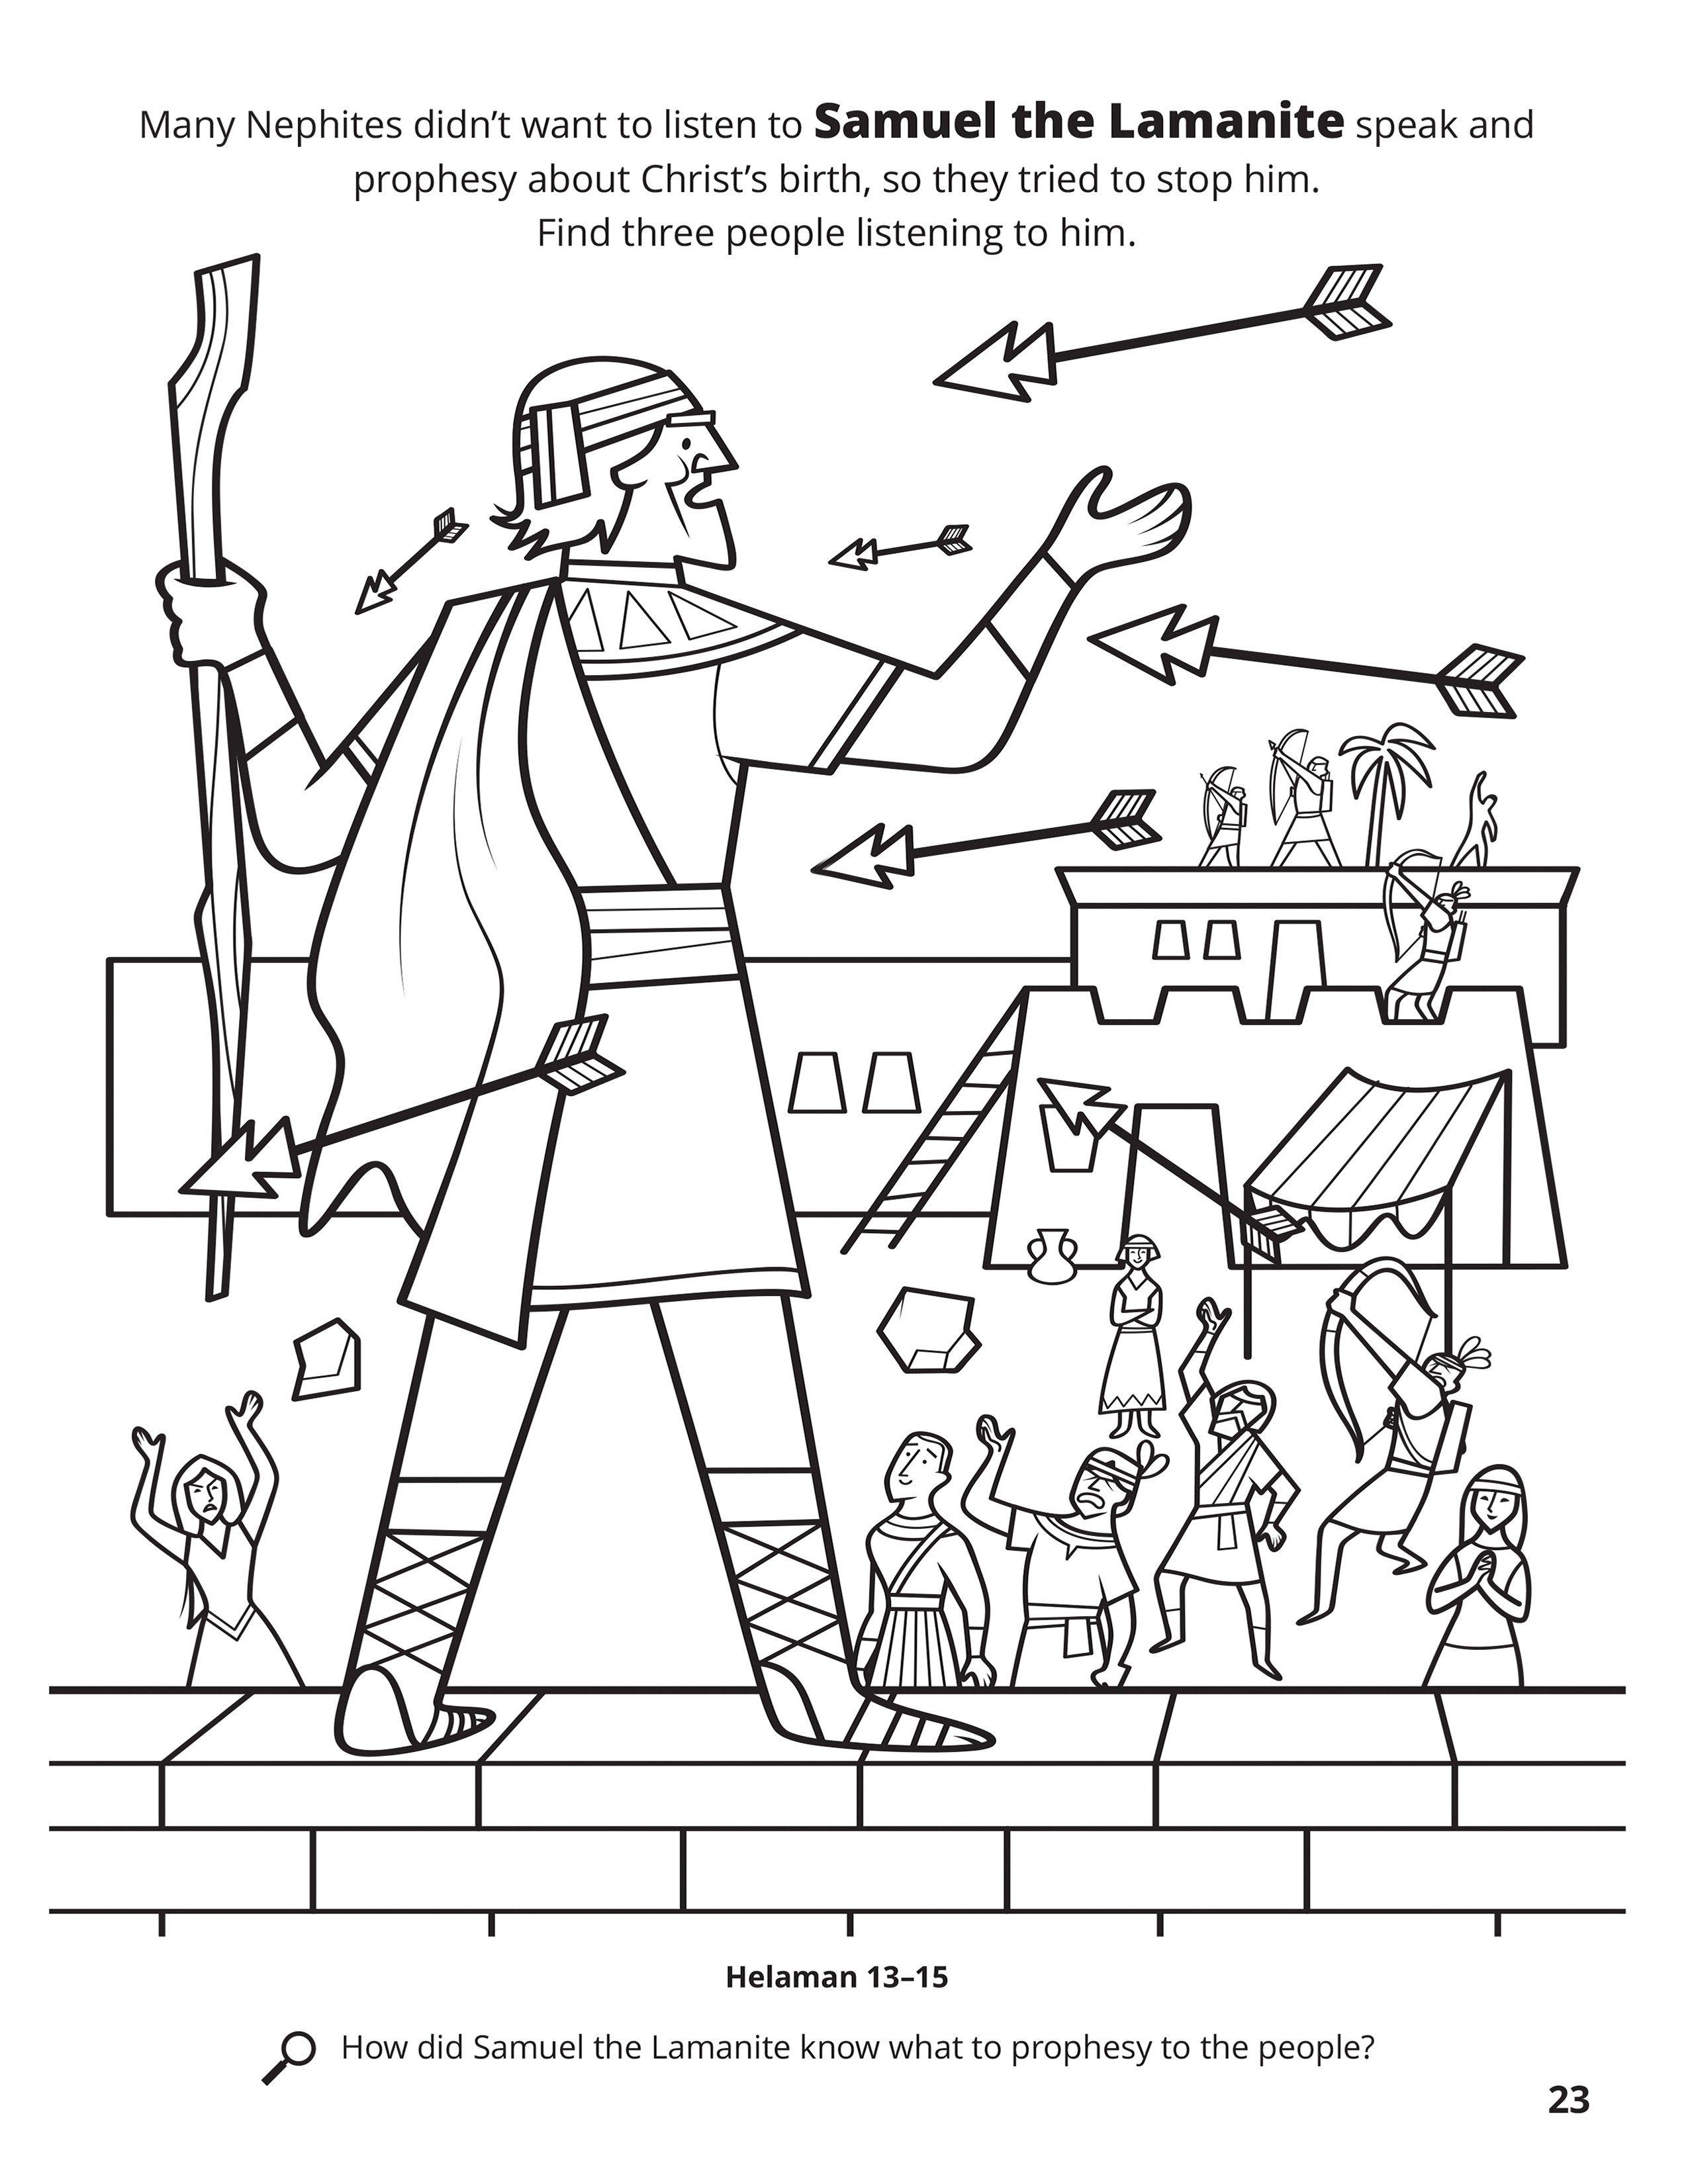 Samuel Coloring Pages : samuel, coloring, pages, Samuel, Lamanite